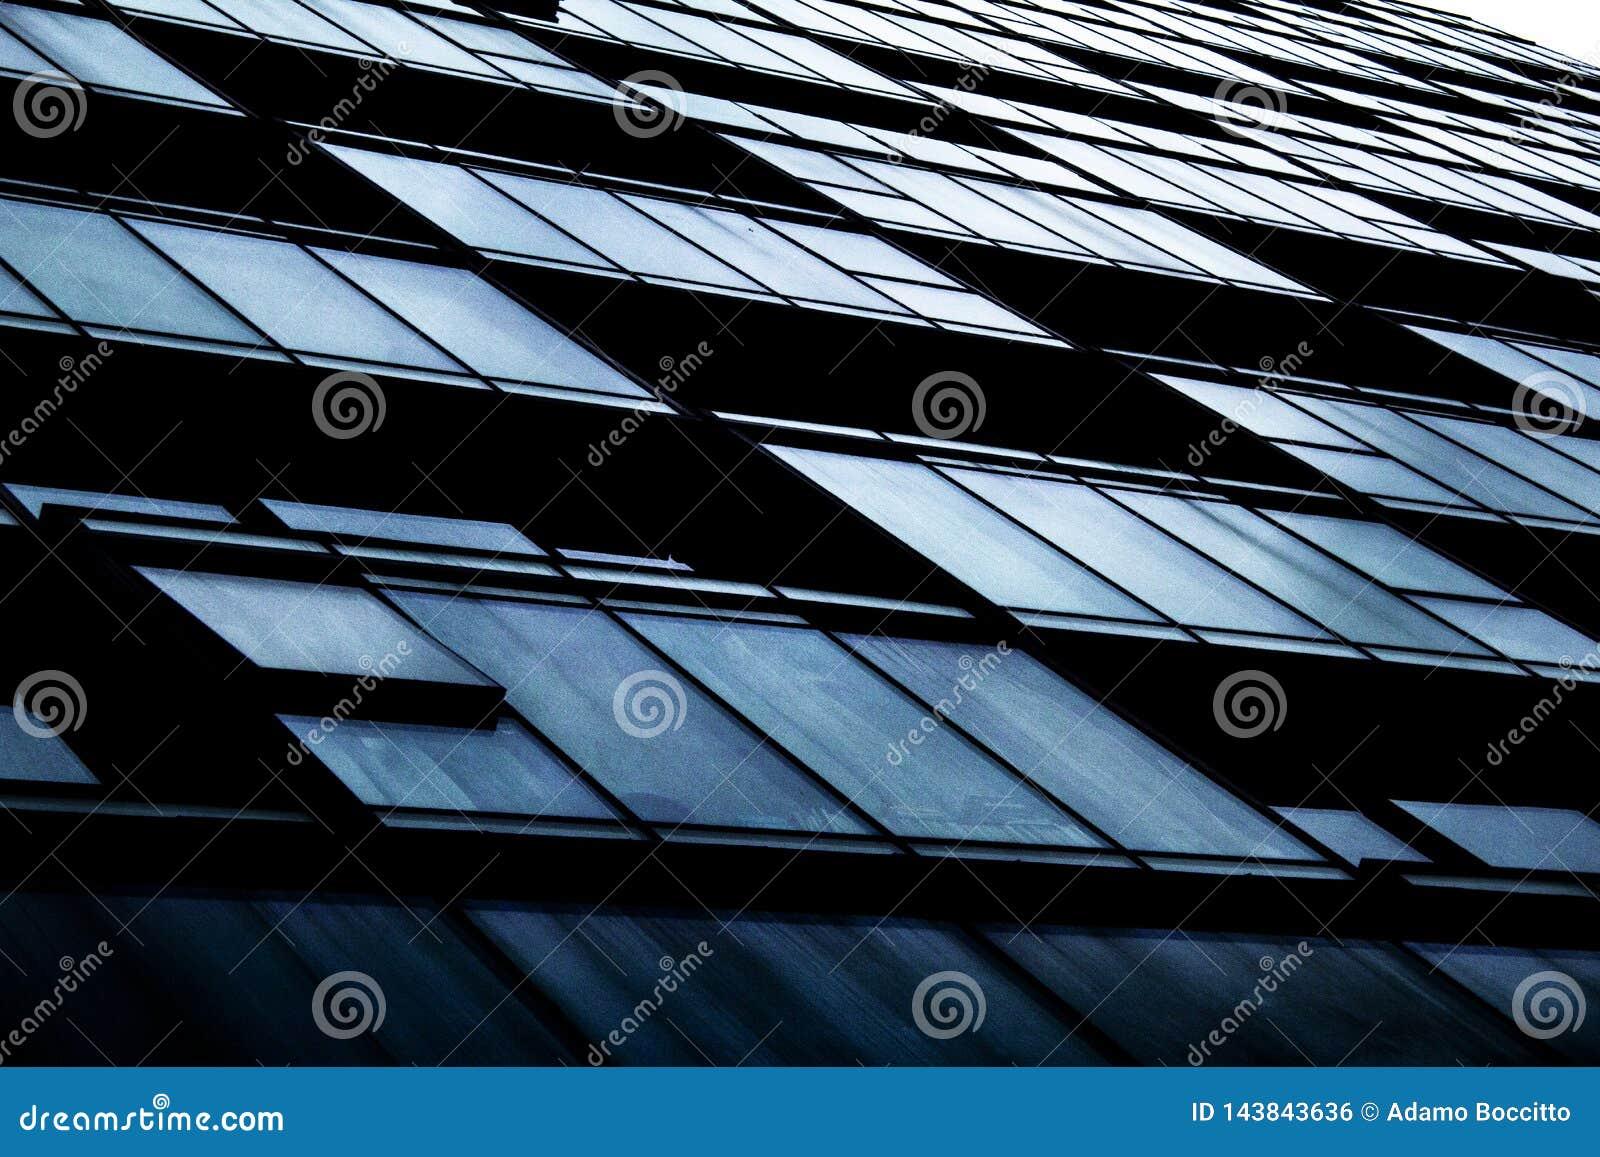 Ein abstrakter Schuss von Kondominiumfenstern und -balkonen